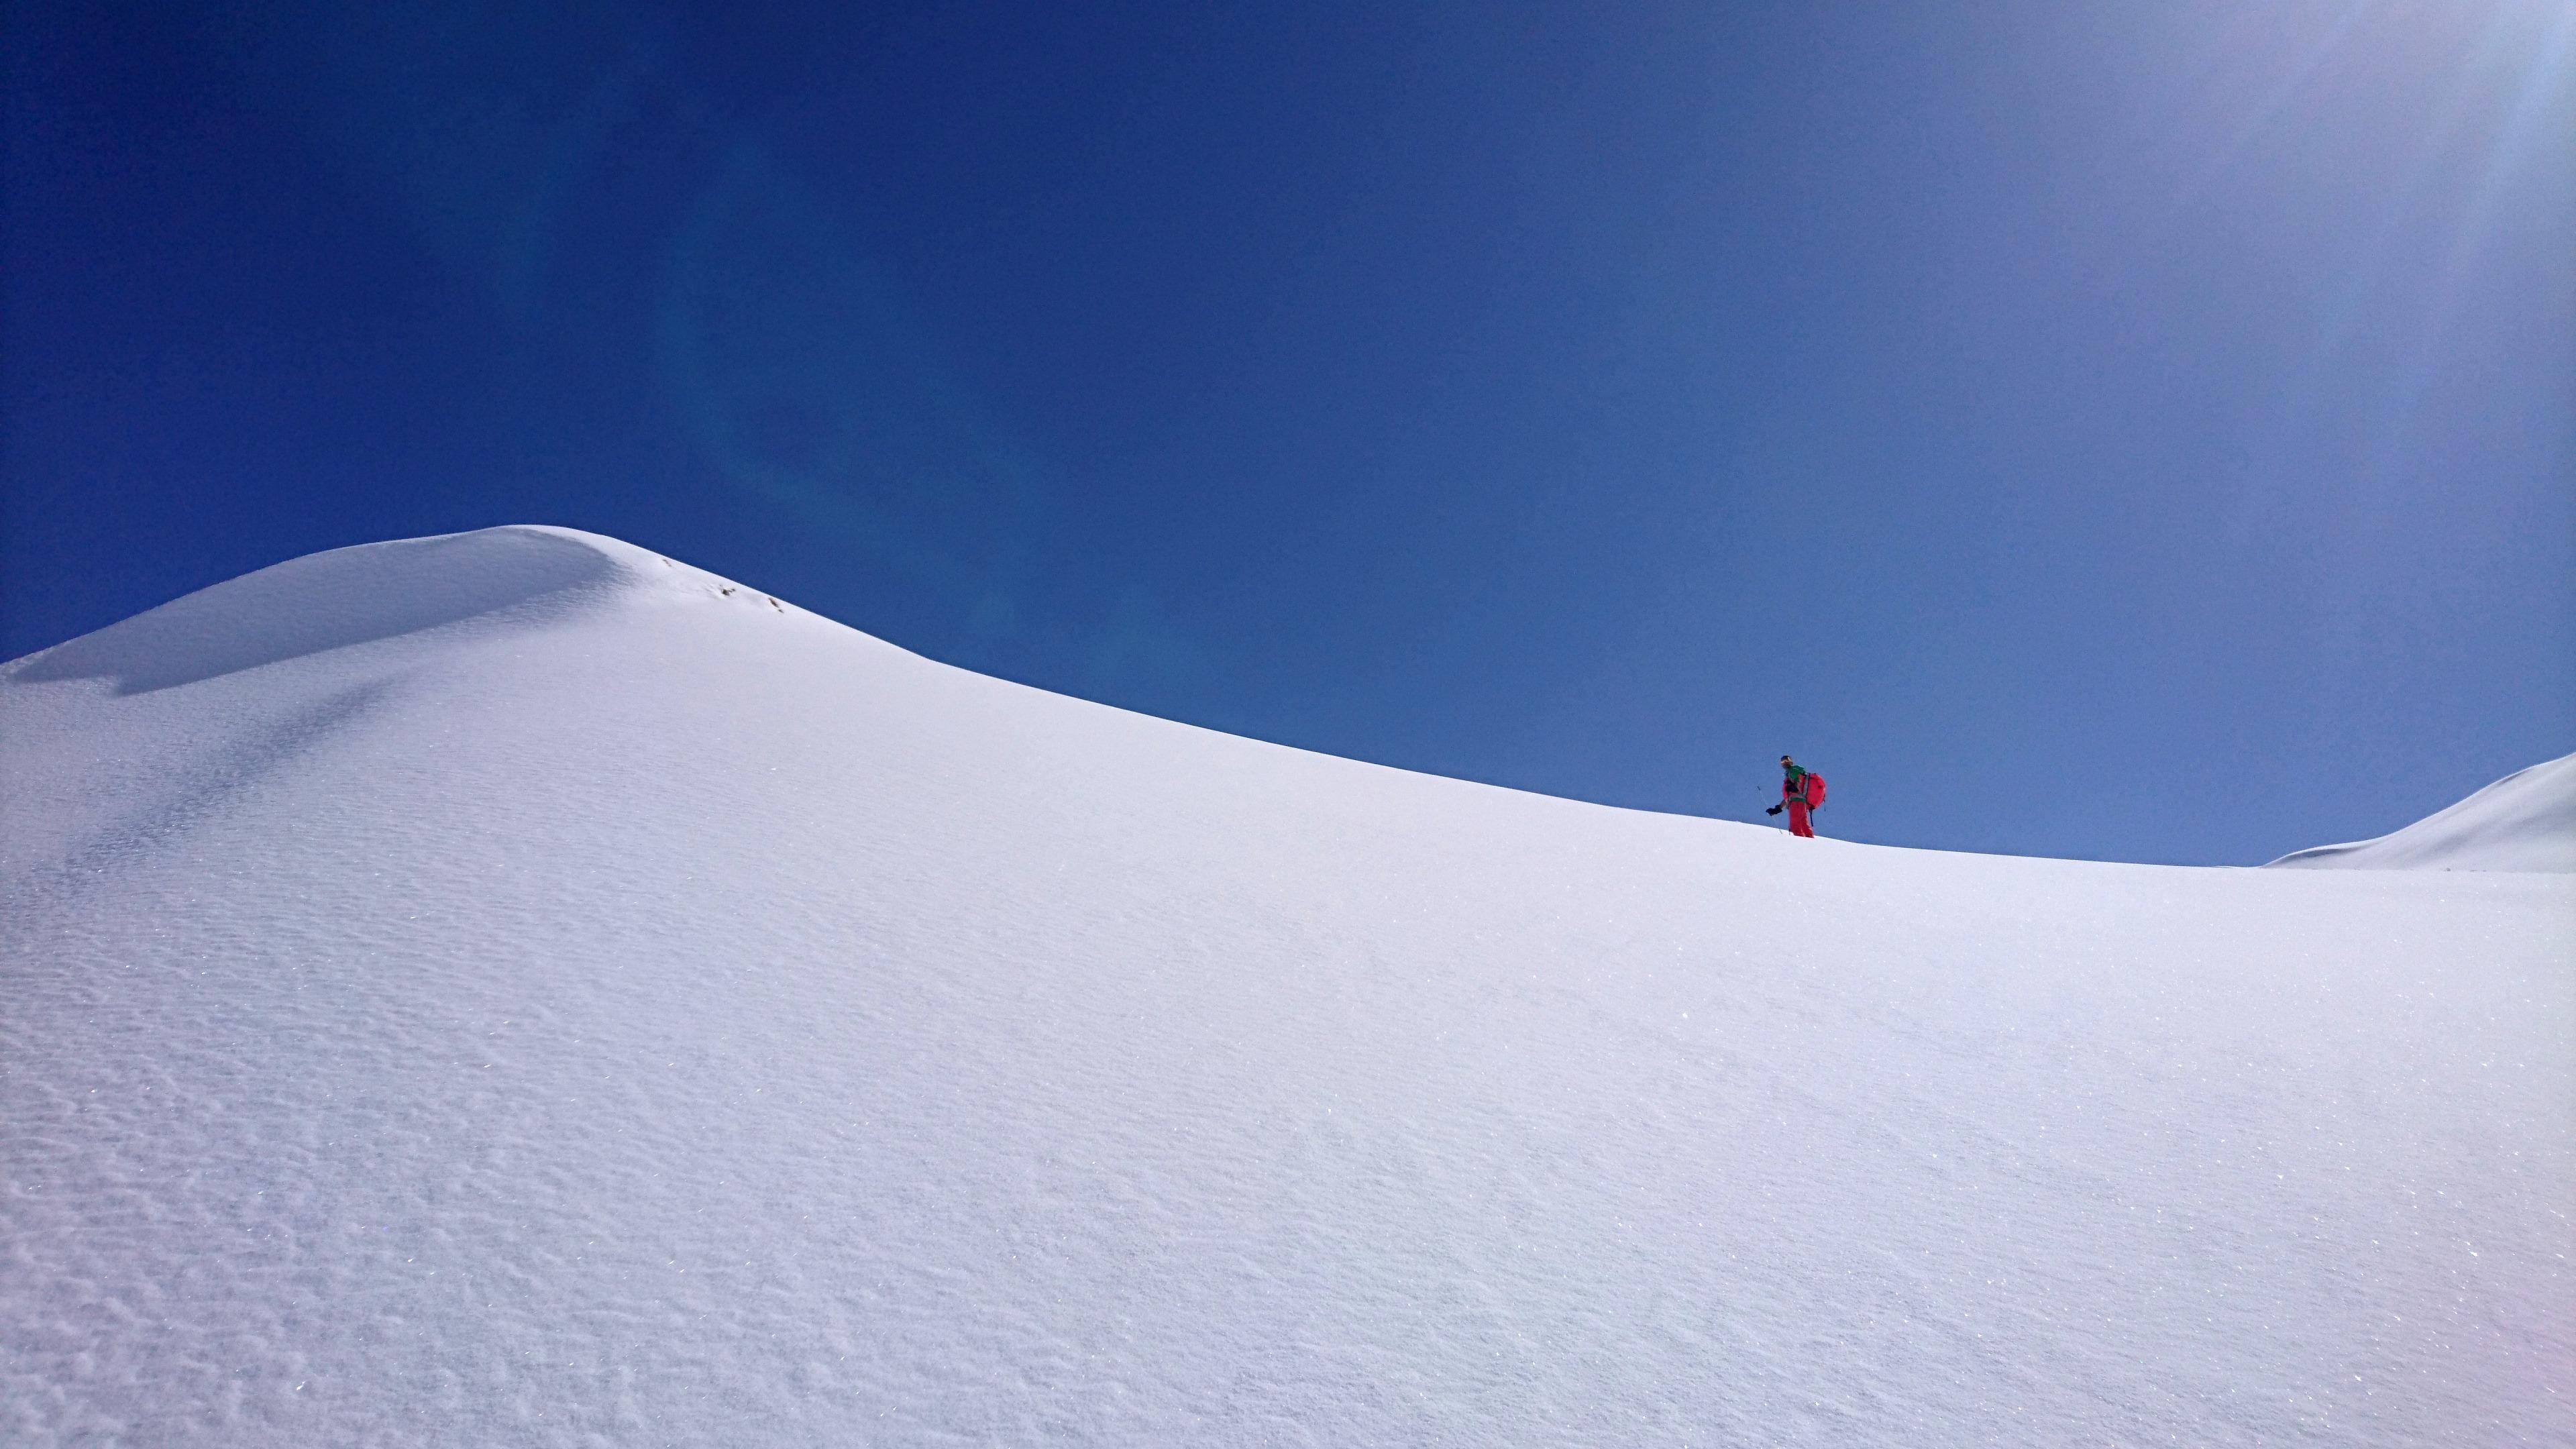 Paolino e le rimonte su docili poppe nevose